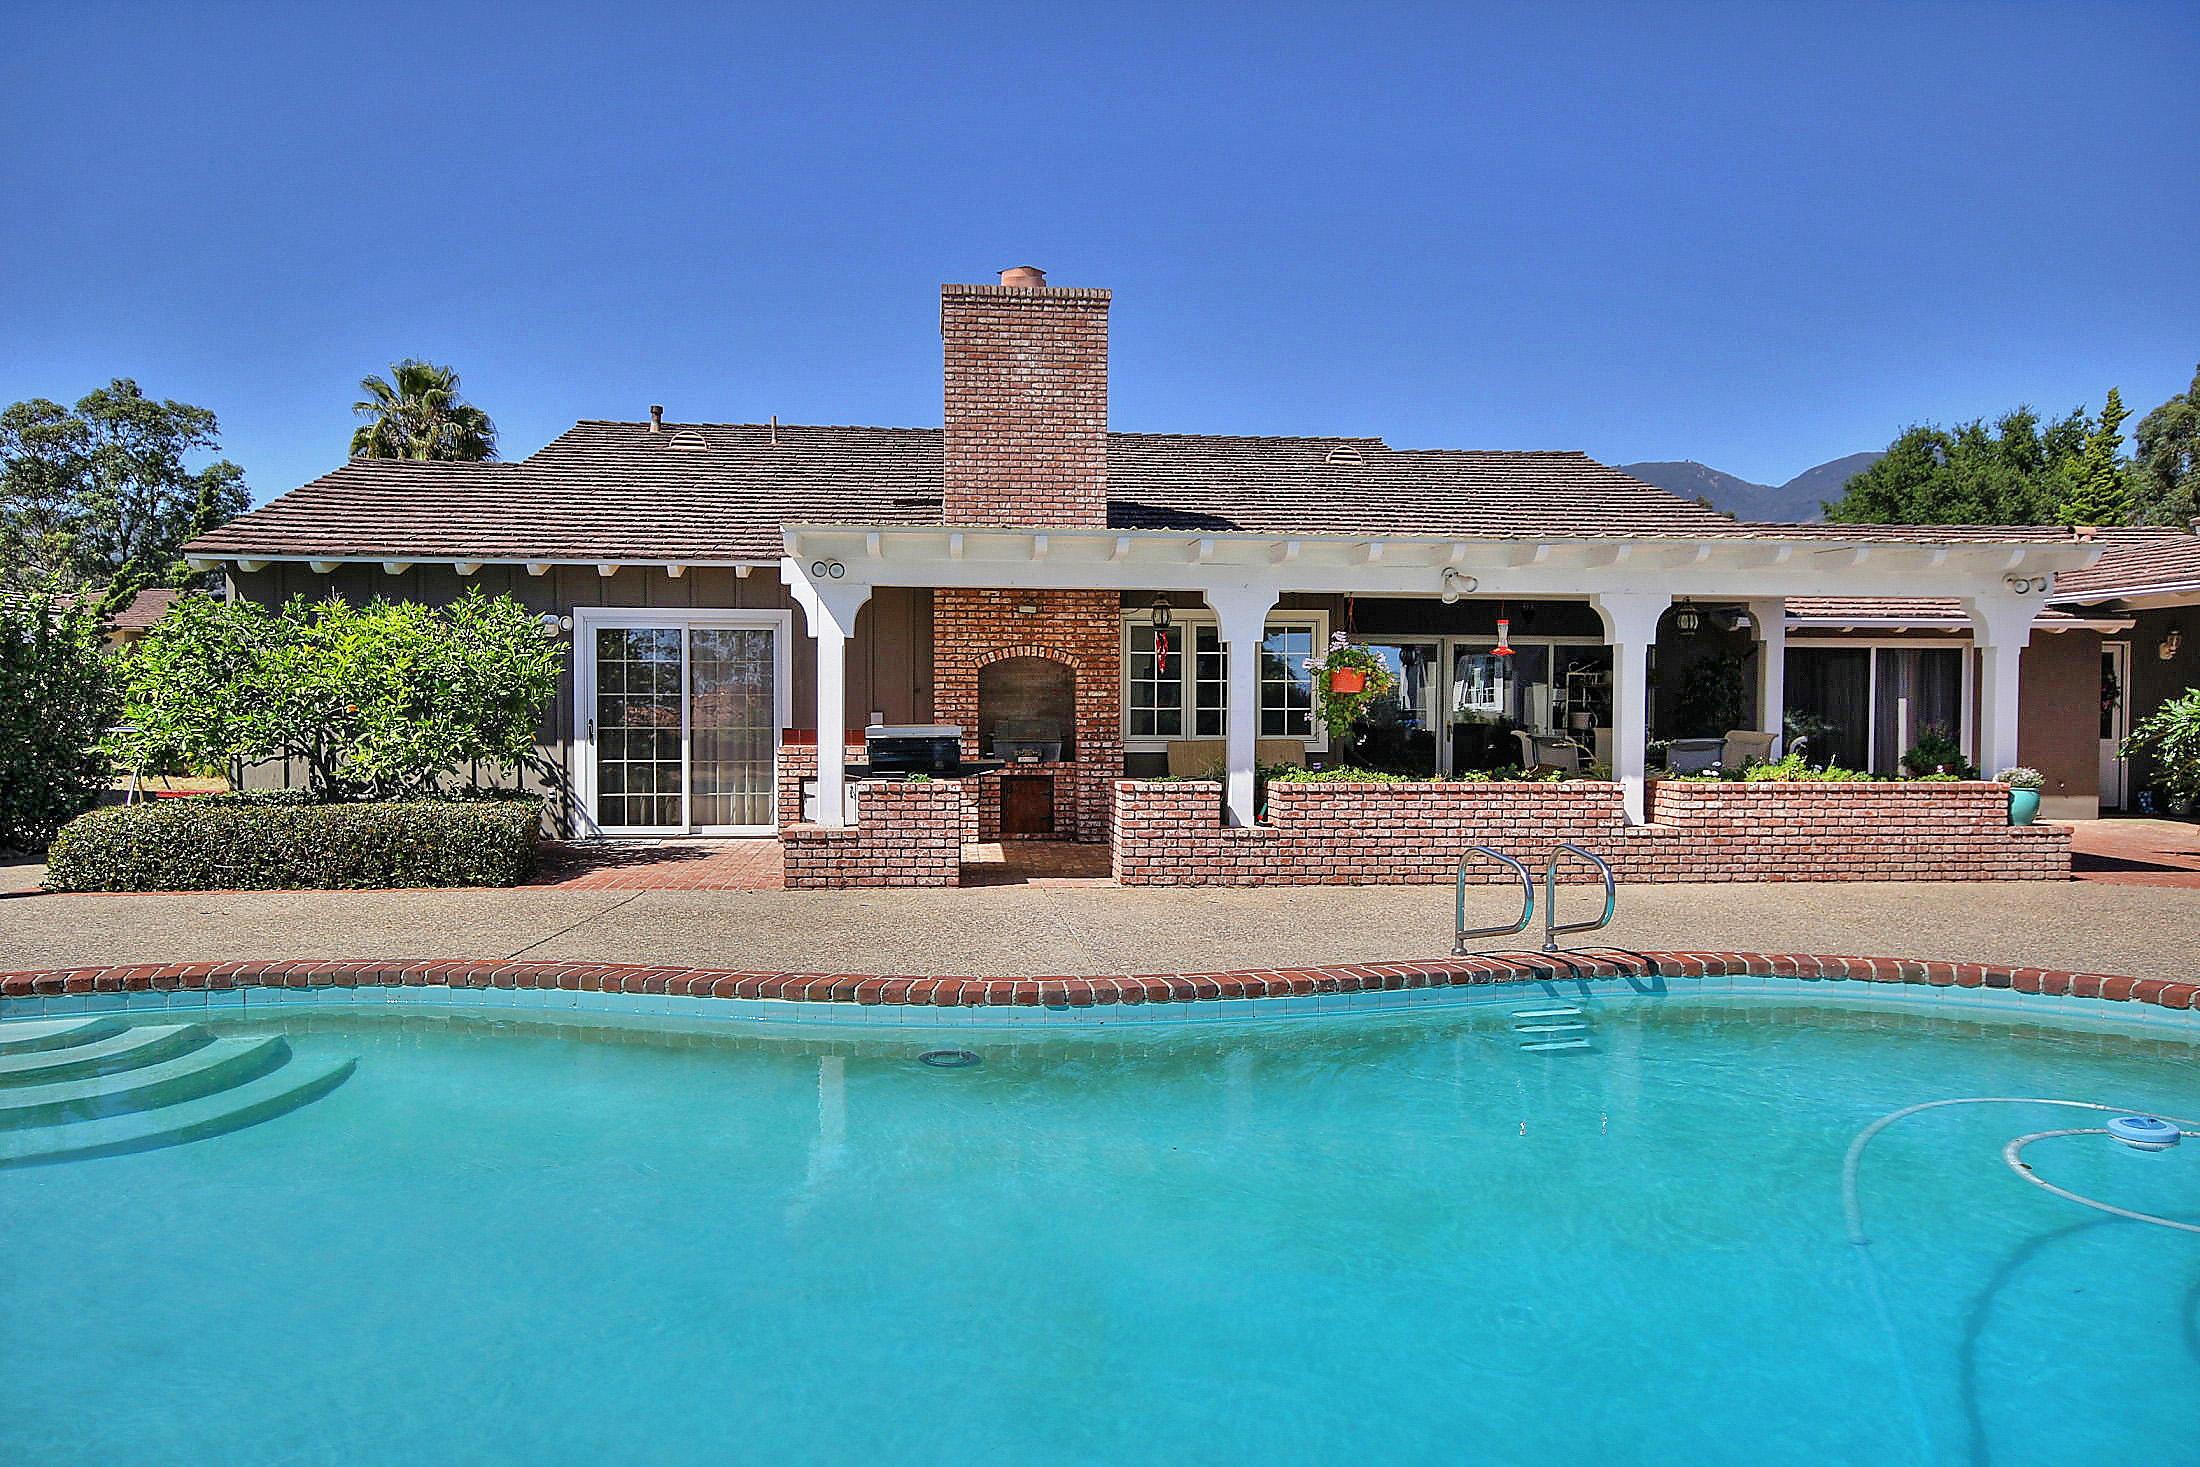 Property photo for 4845 Via Los Santos Santa Barbara, California 93111 - 15-1378